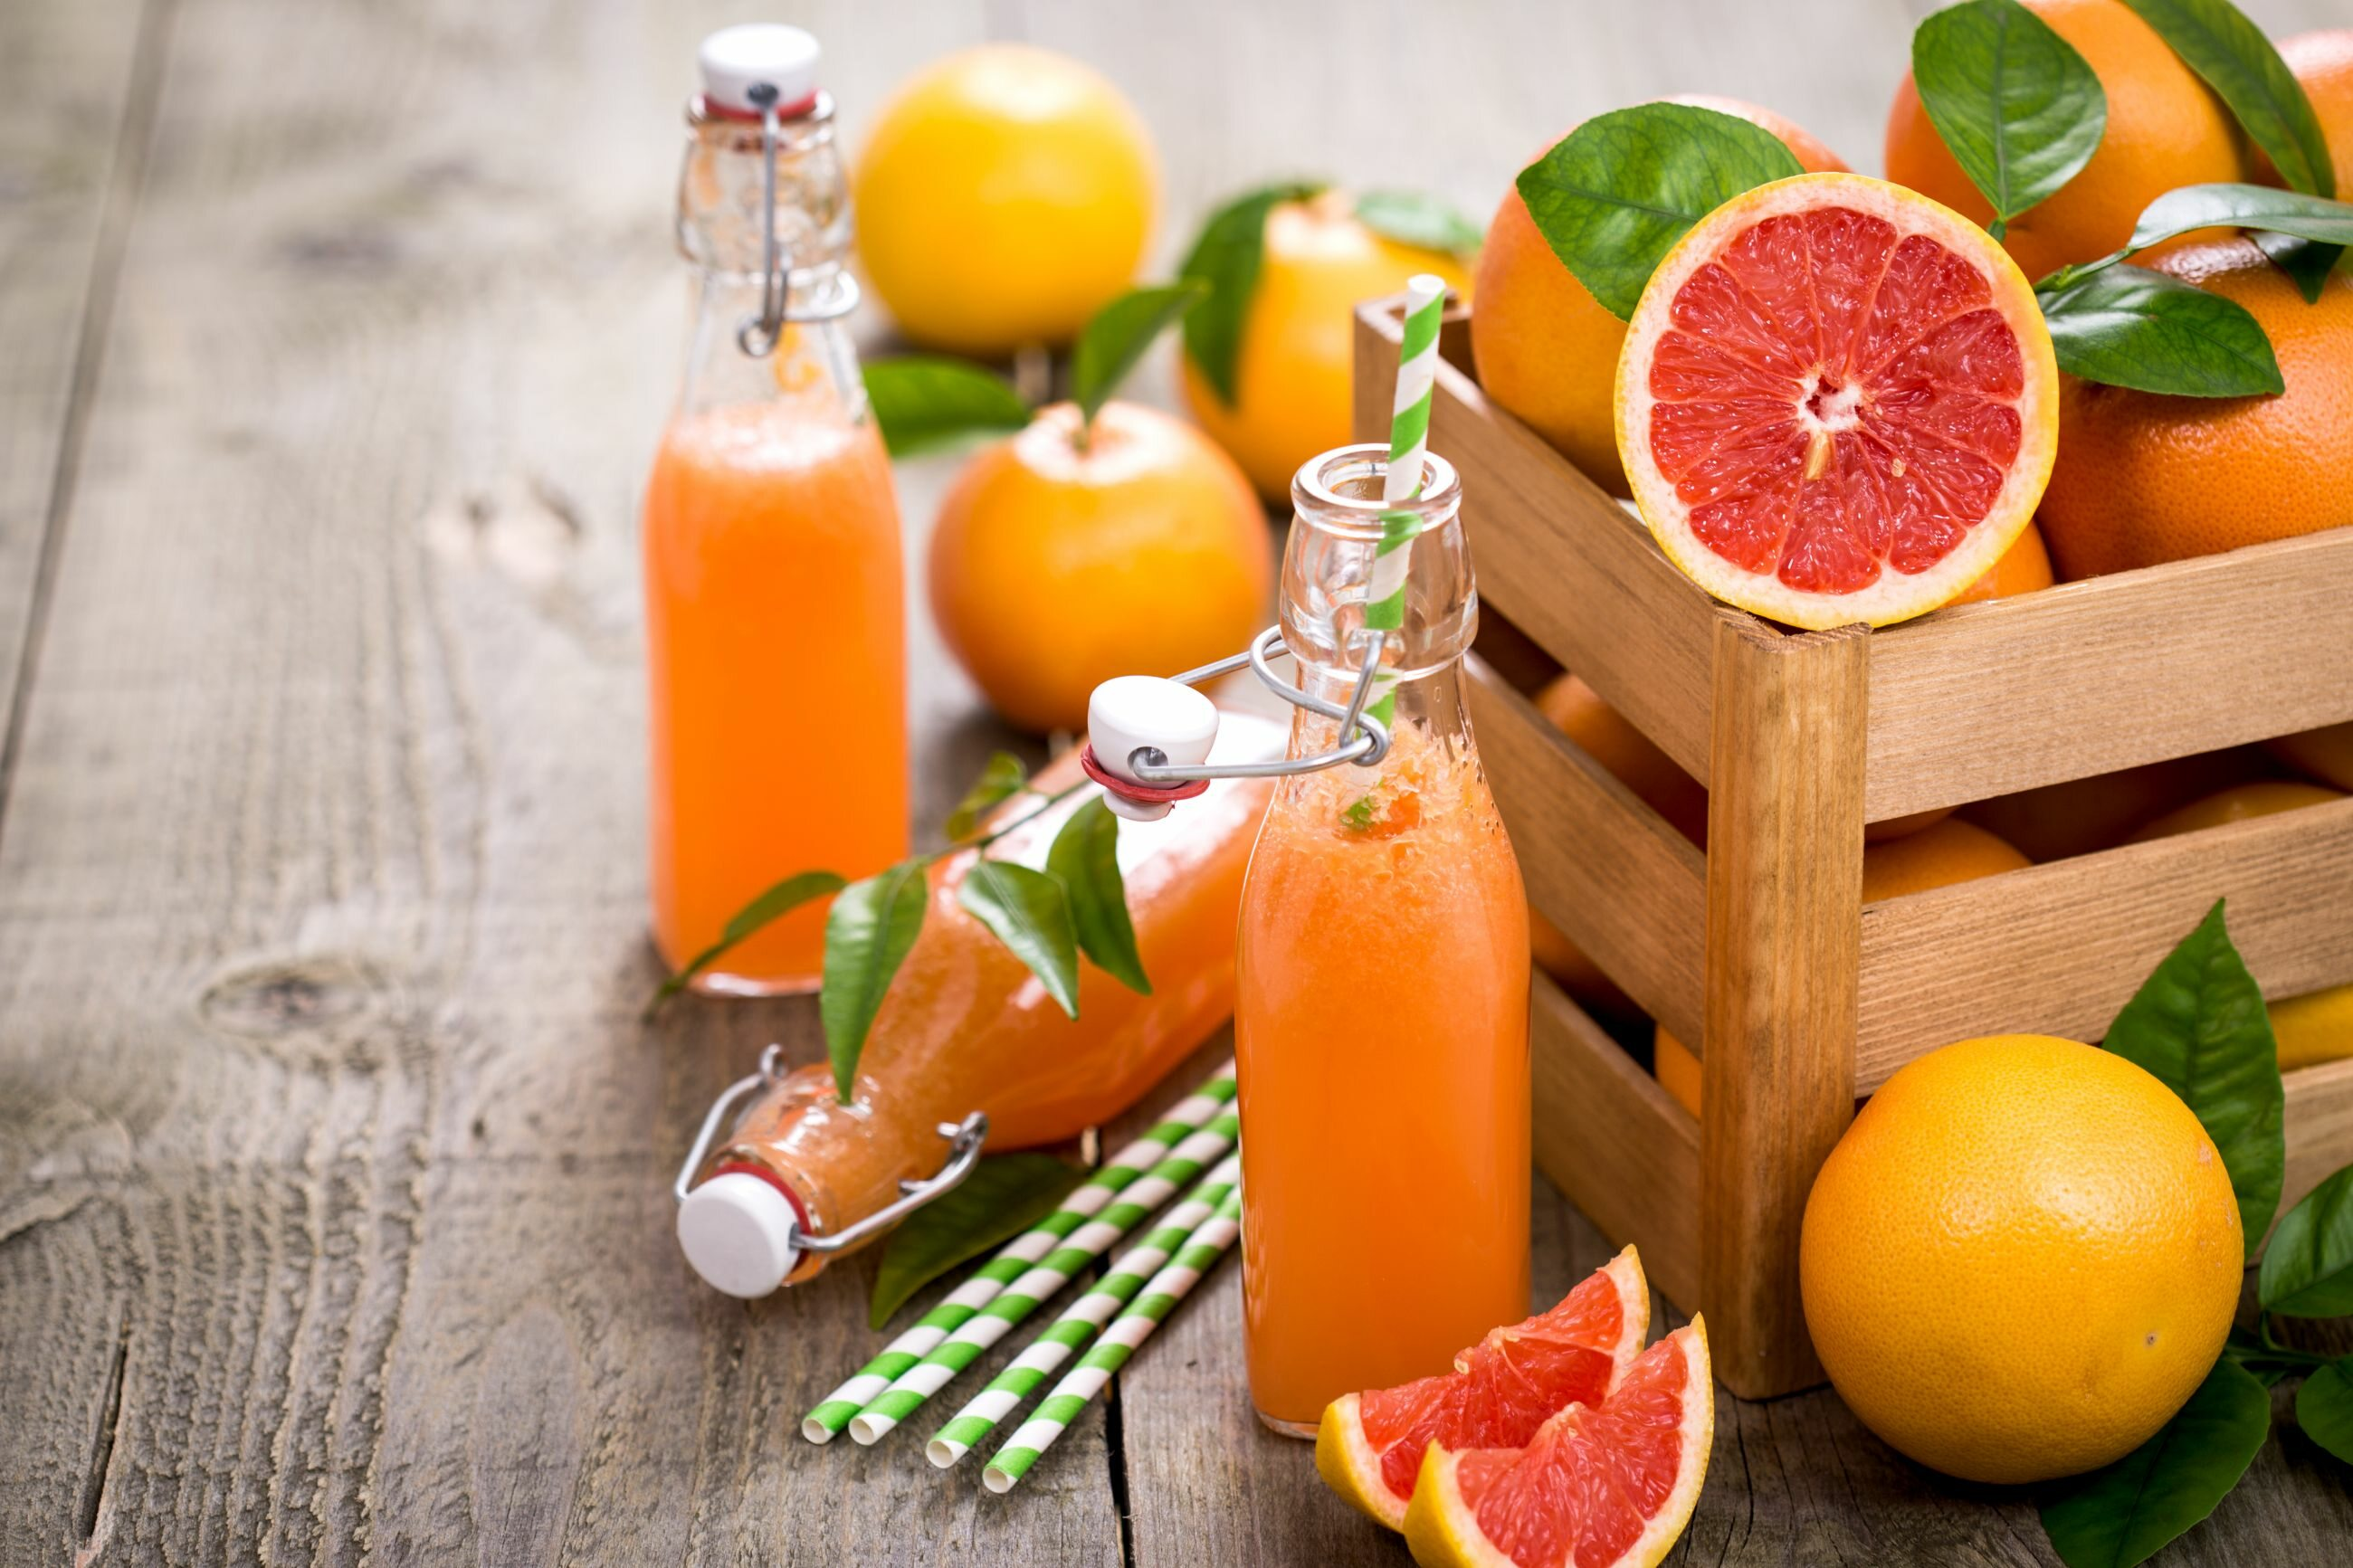 Po wypiciu soku owocowego nie wolno natychmiast myć zębów, ponieważ może to uszkodzić szkliwo.